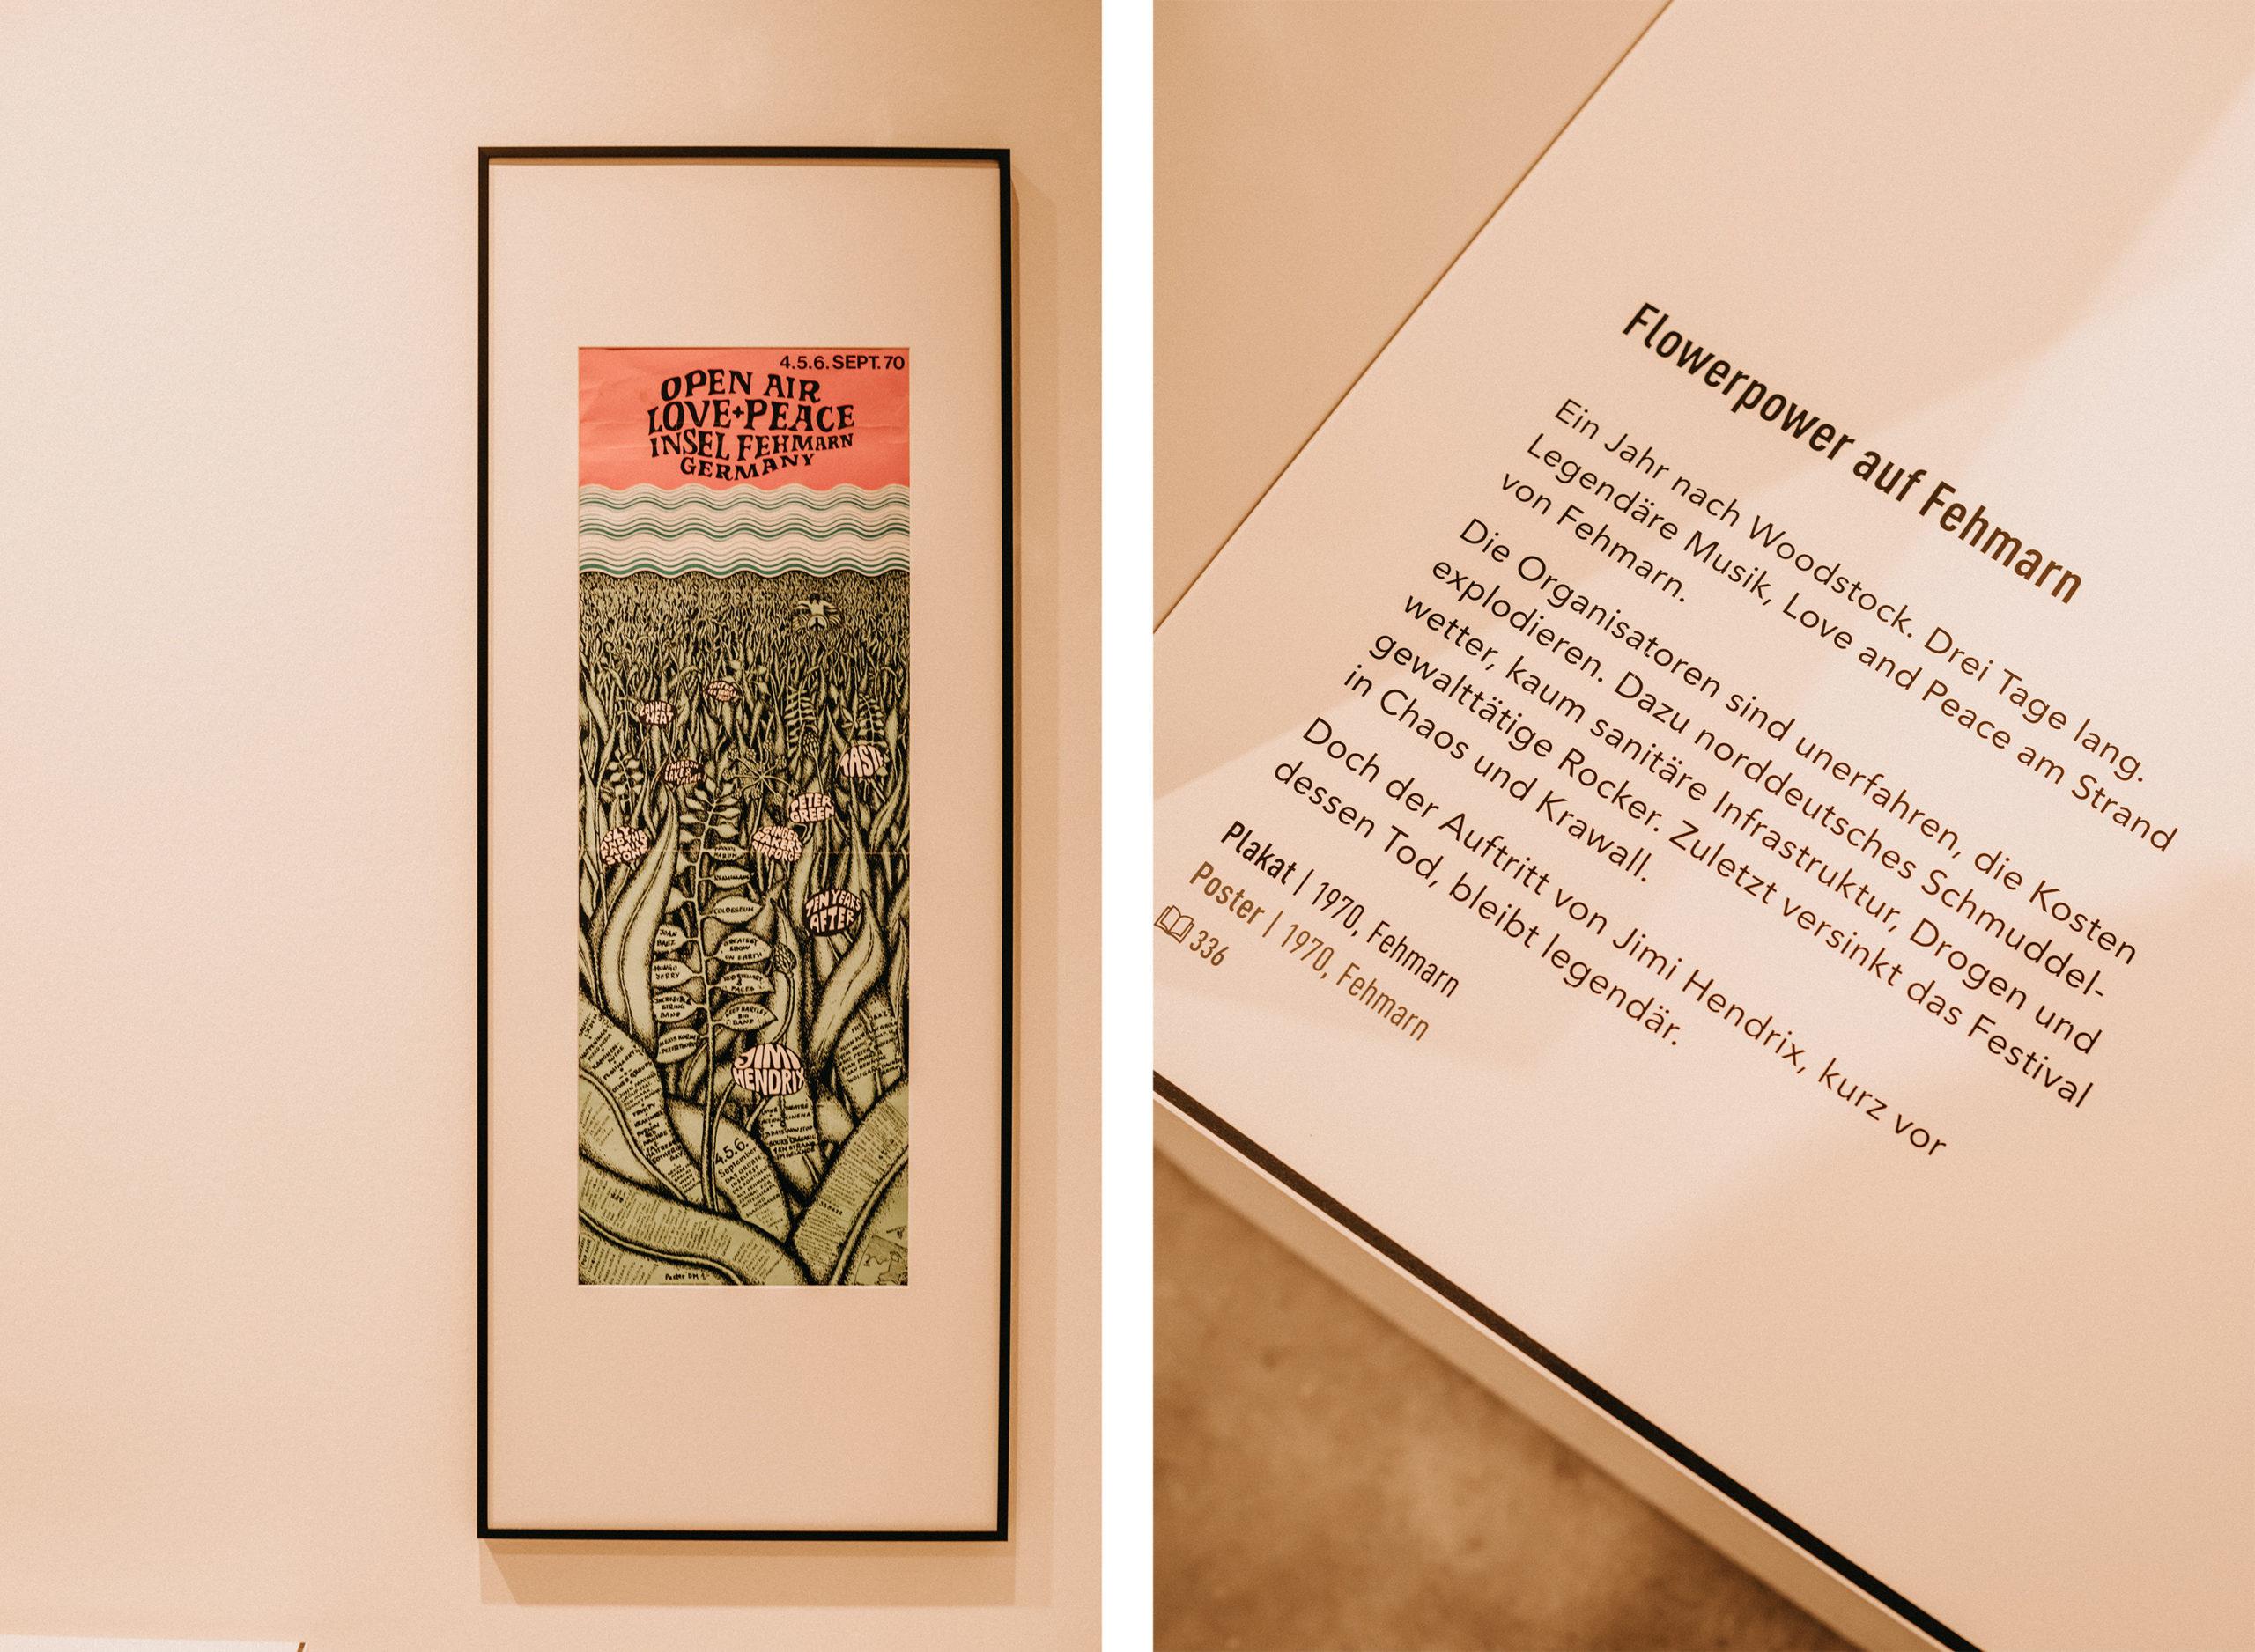 Jahr100Haus Molfsee: Plakat mit Text